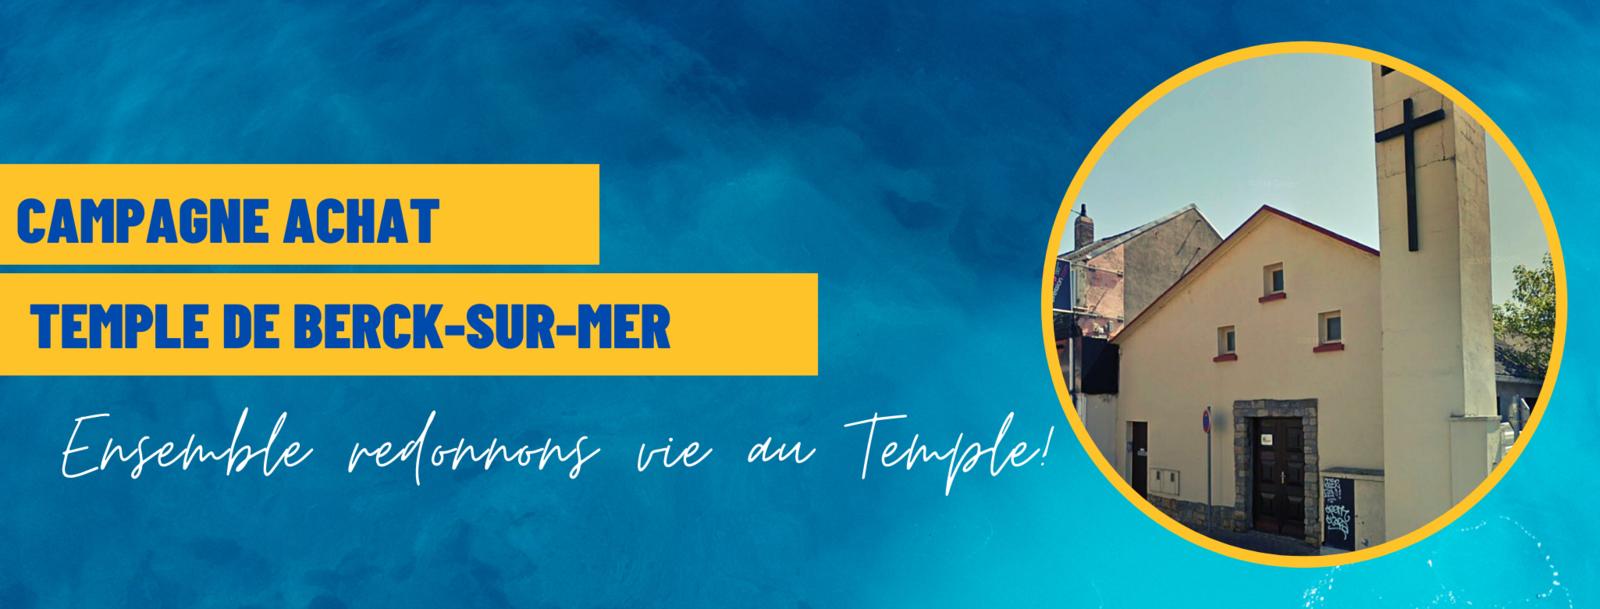 PROJET ACHAT TEMPLE DE BERCK-SUR-MER